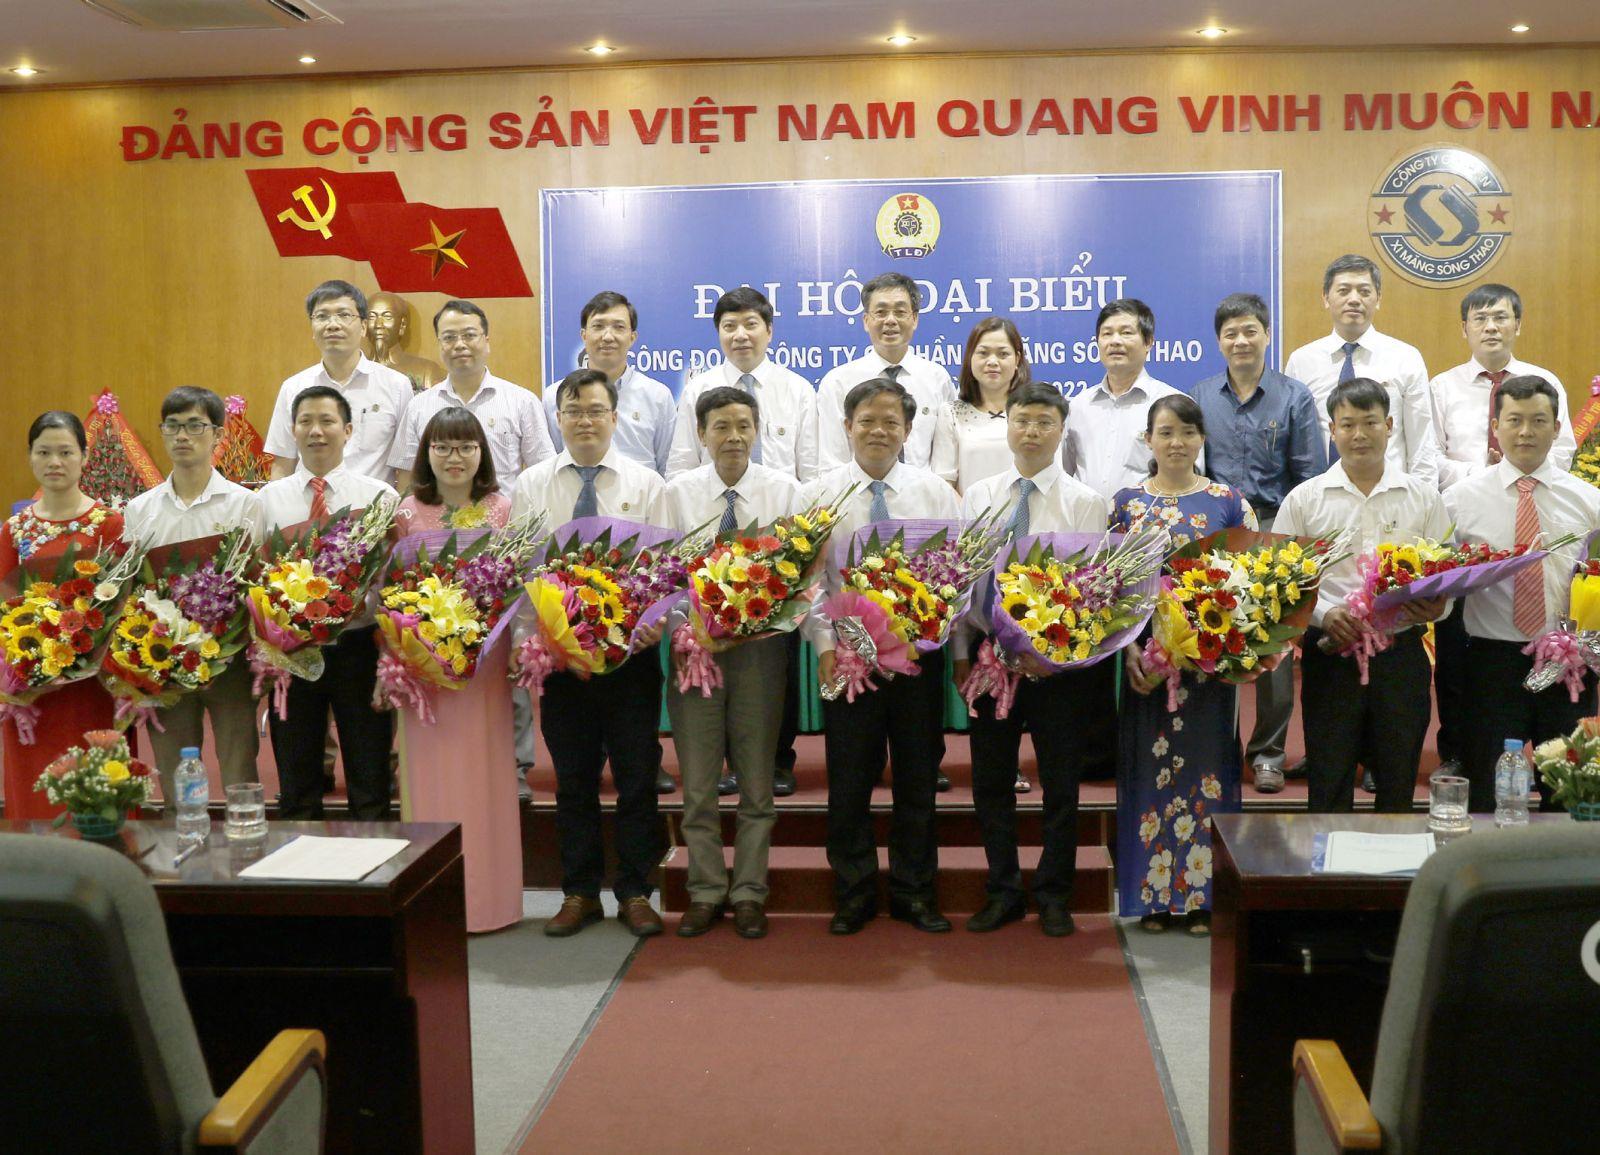 Đại hội Đại biểu Công đoàn Công ty cổ phần xi măng Sông Thao, Lần thứ IV, Nhiệm kỳ 2017 - 2022